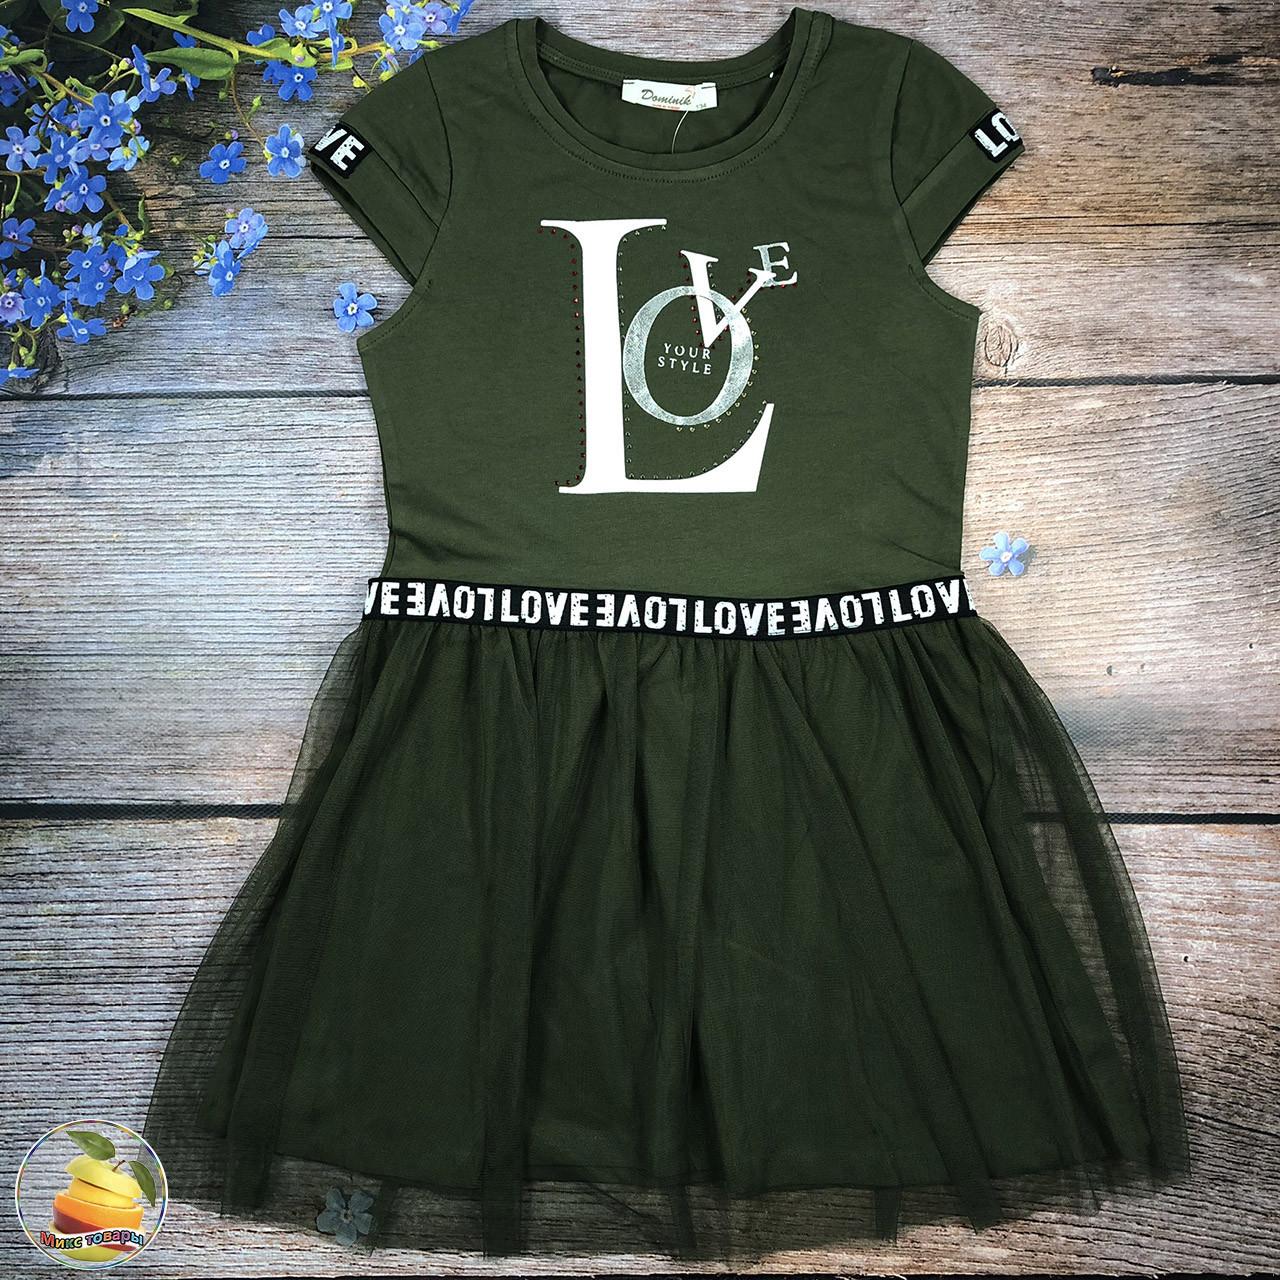 Літнє плаття для дівчинки підлітка Розміри: 9,10,12 років (20061-1)